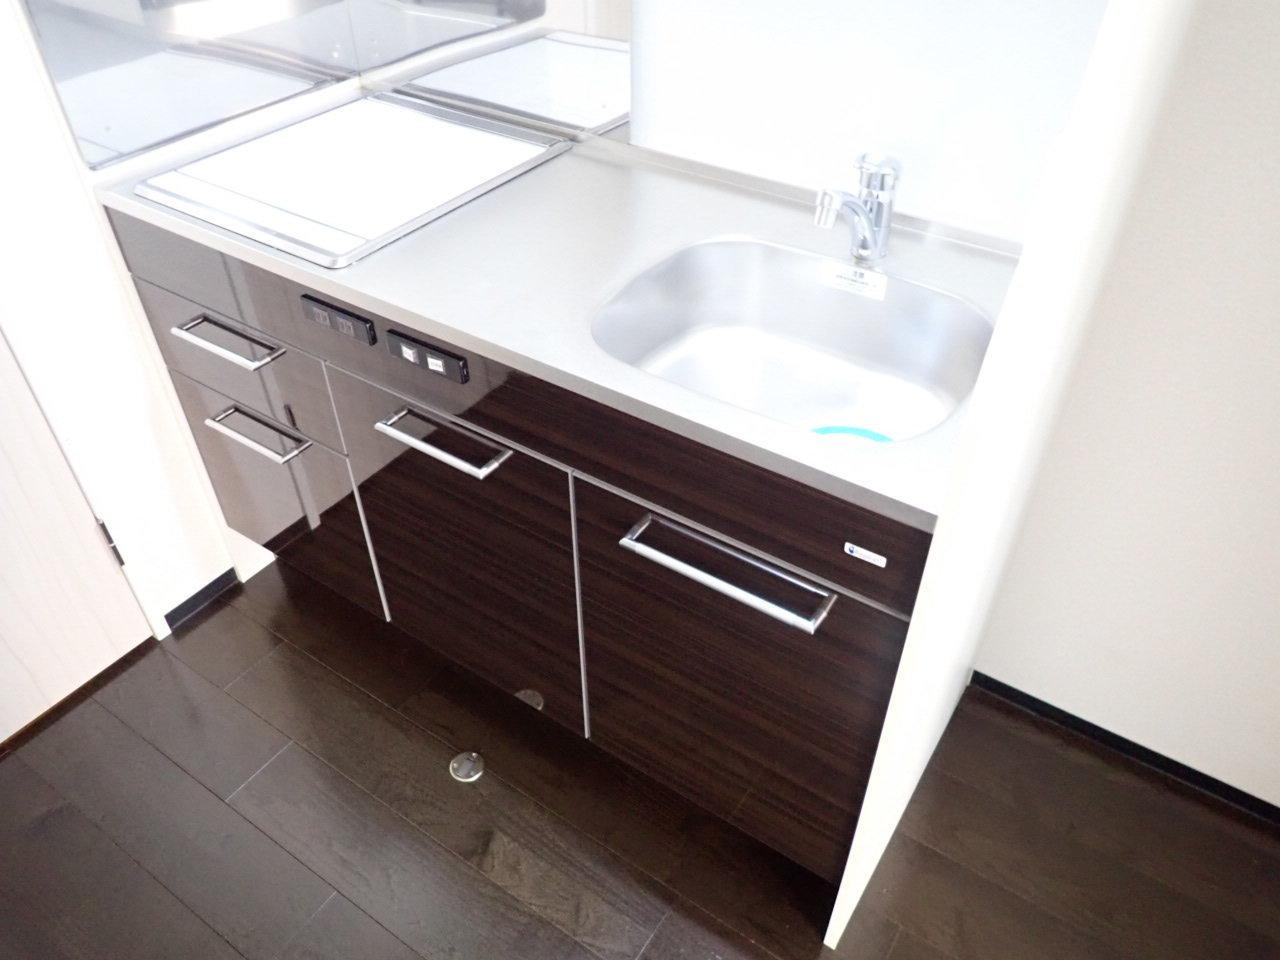 キッチンはコンパクトですが、2口IHコンロに作業スペース、収納力もあるので、利便性は高そうです。